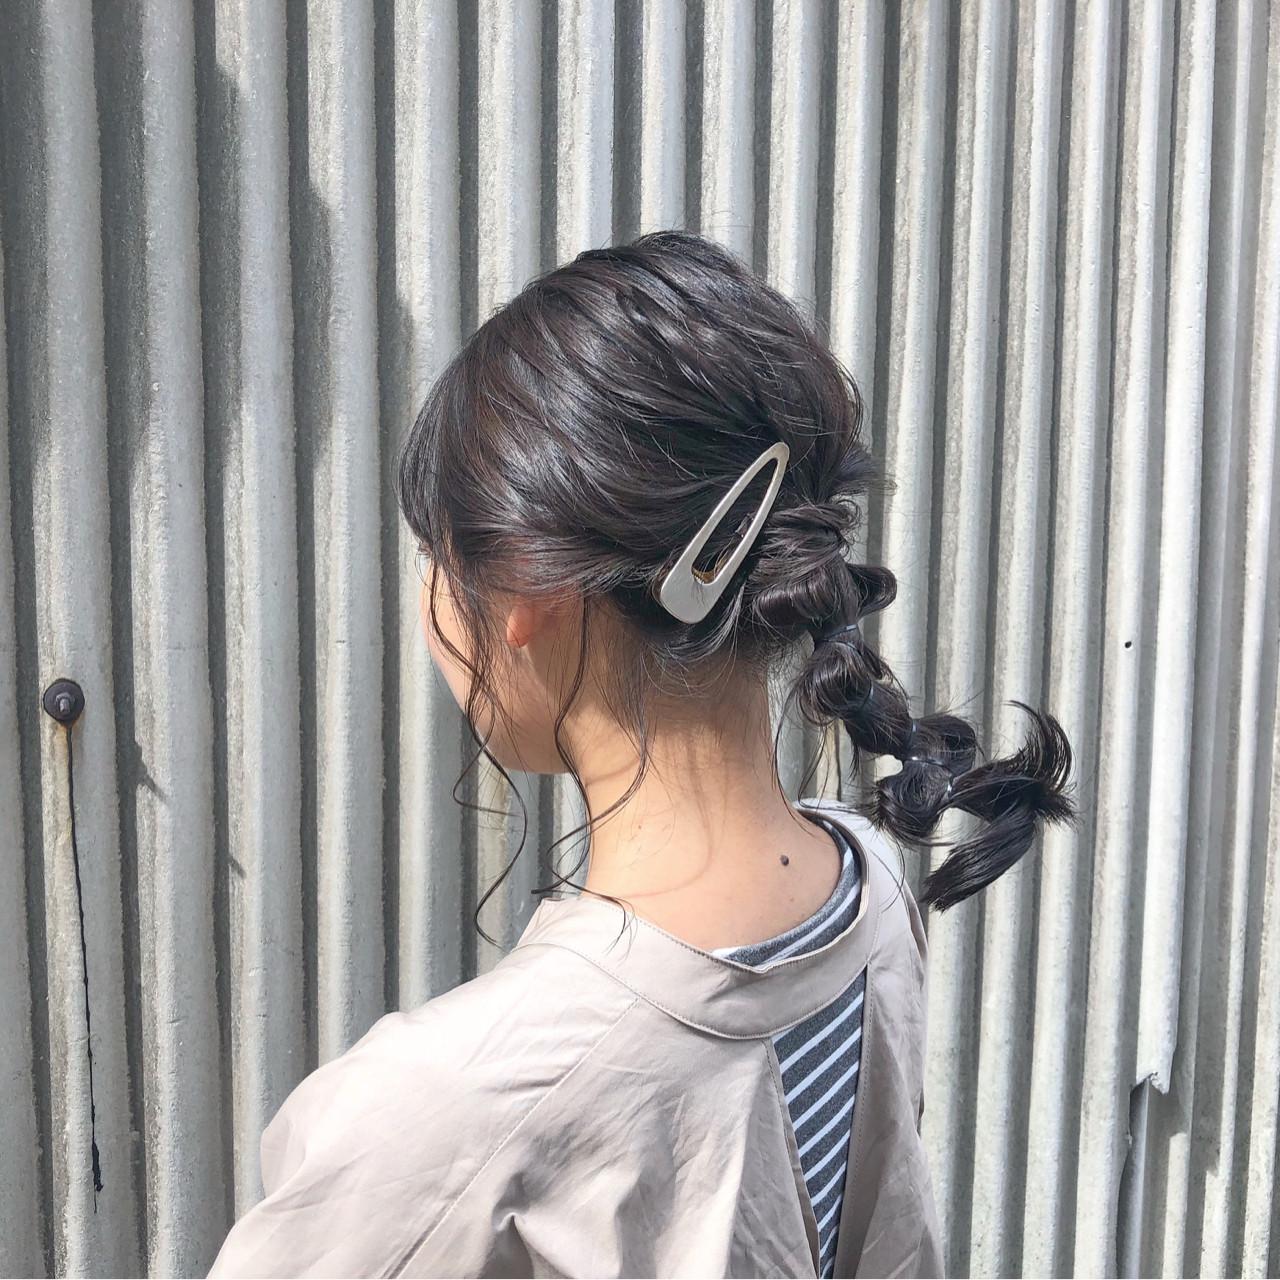 ゆるっと後れ毛を自然に出したポニーテール☆ 藤田成美 / oli